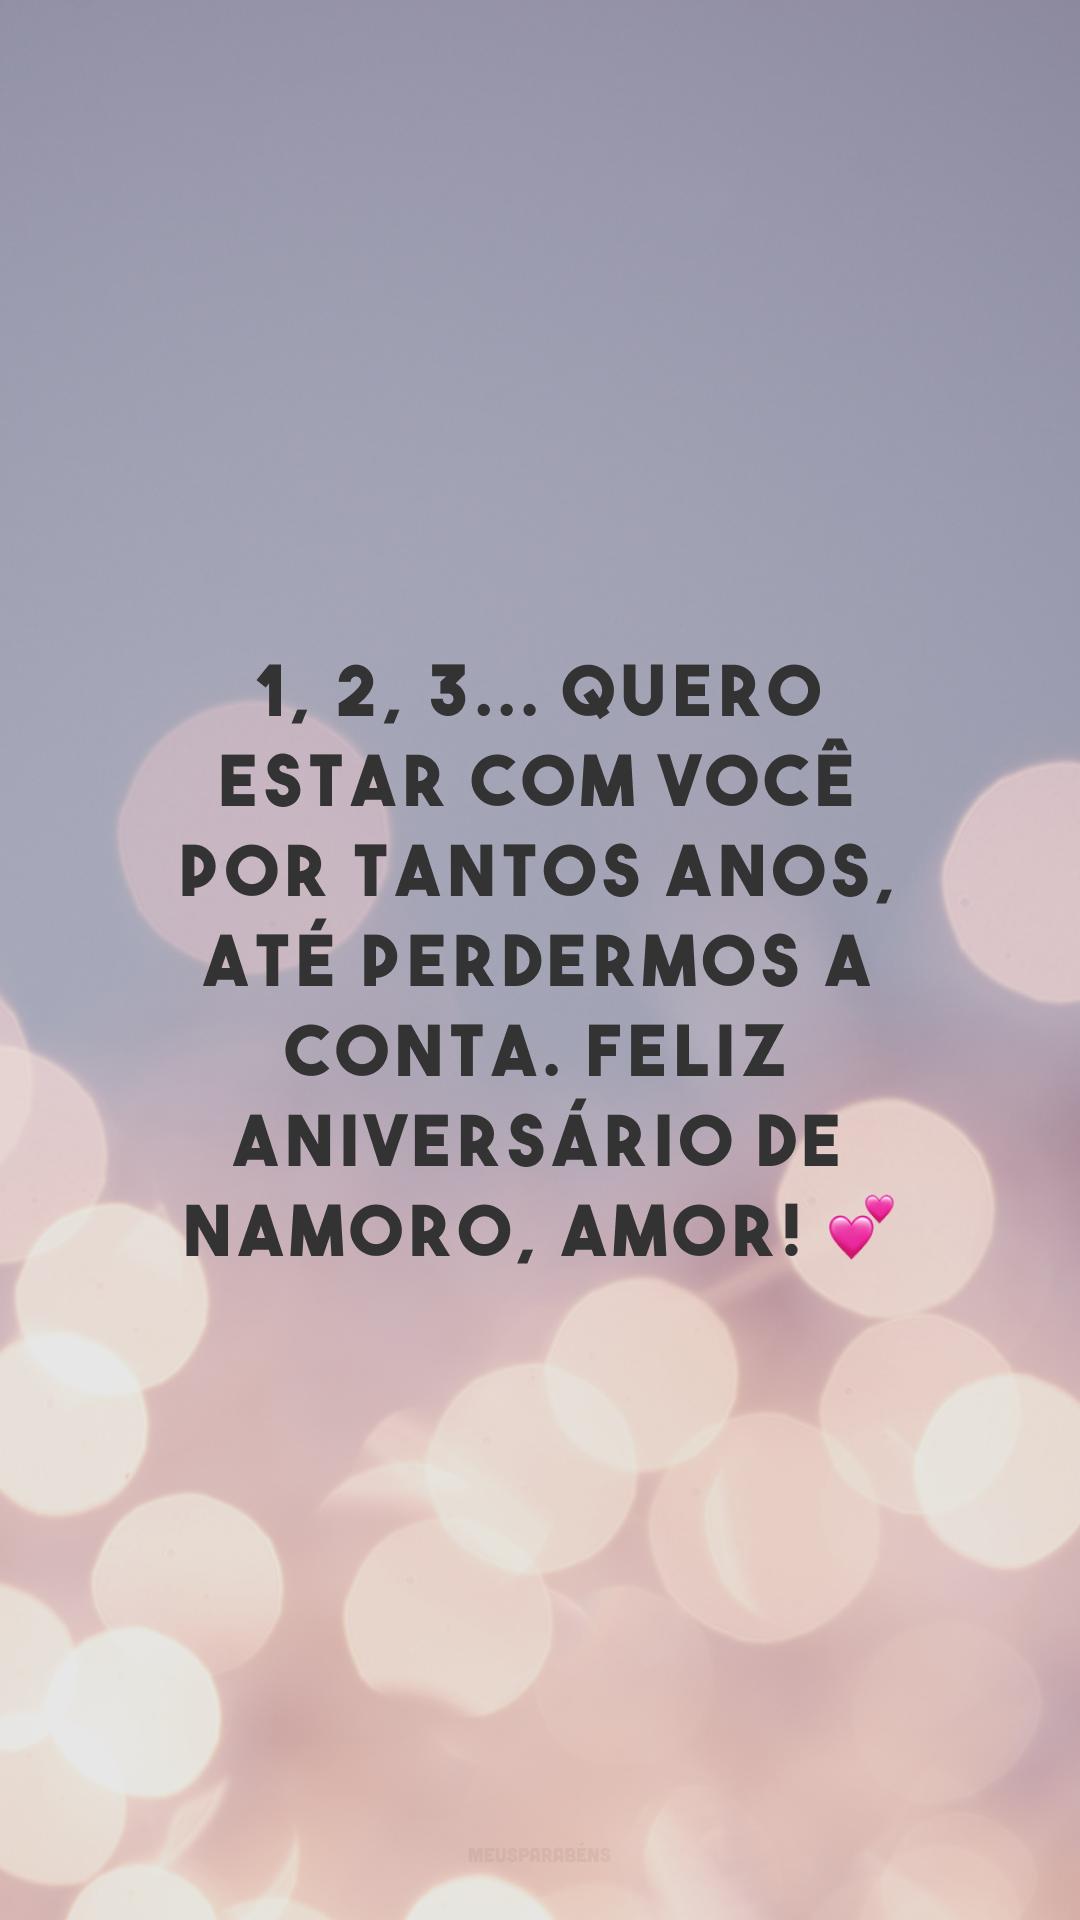 1, 2, 3... Quero estar com você por tantos anos, até perdermos a conta. Feliz aniversário de namoro, amor! 💕